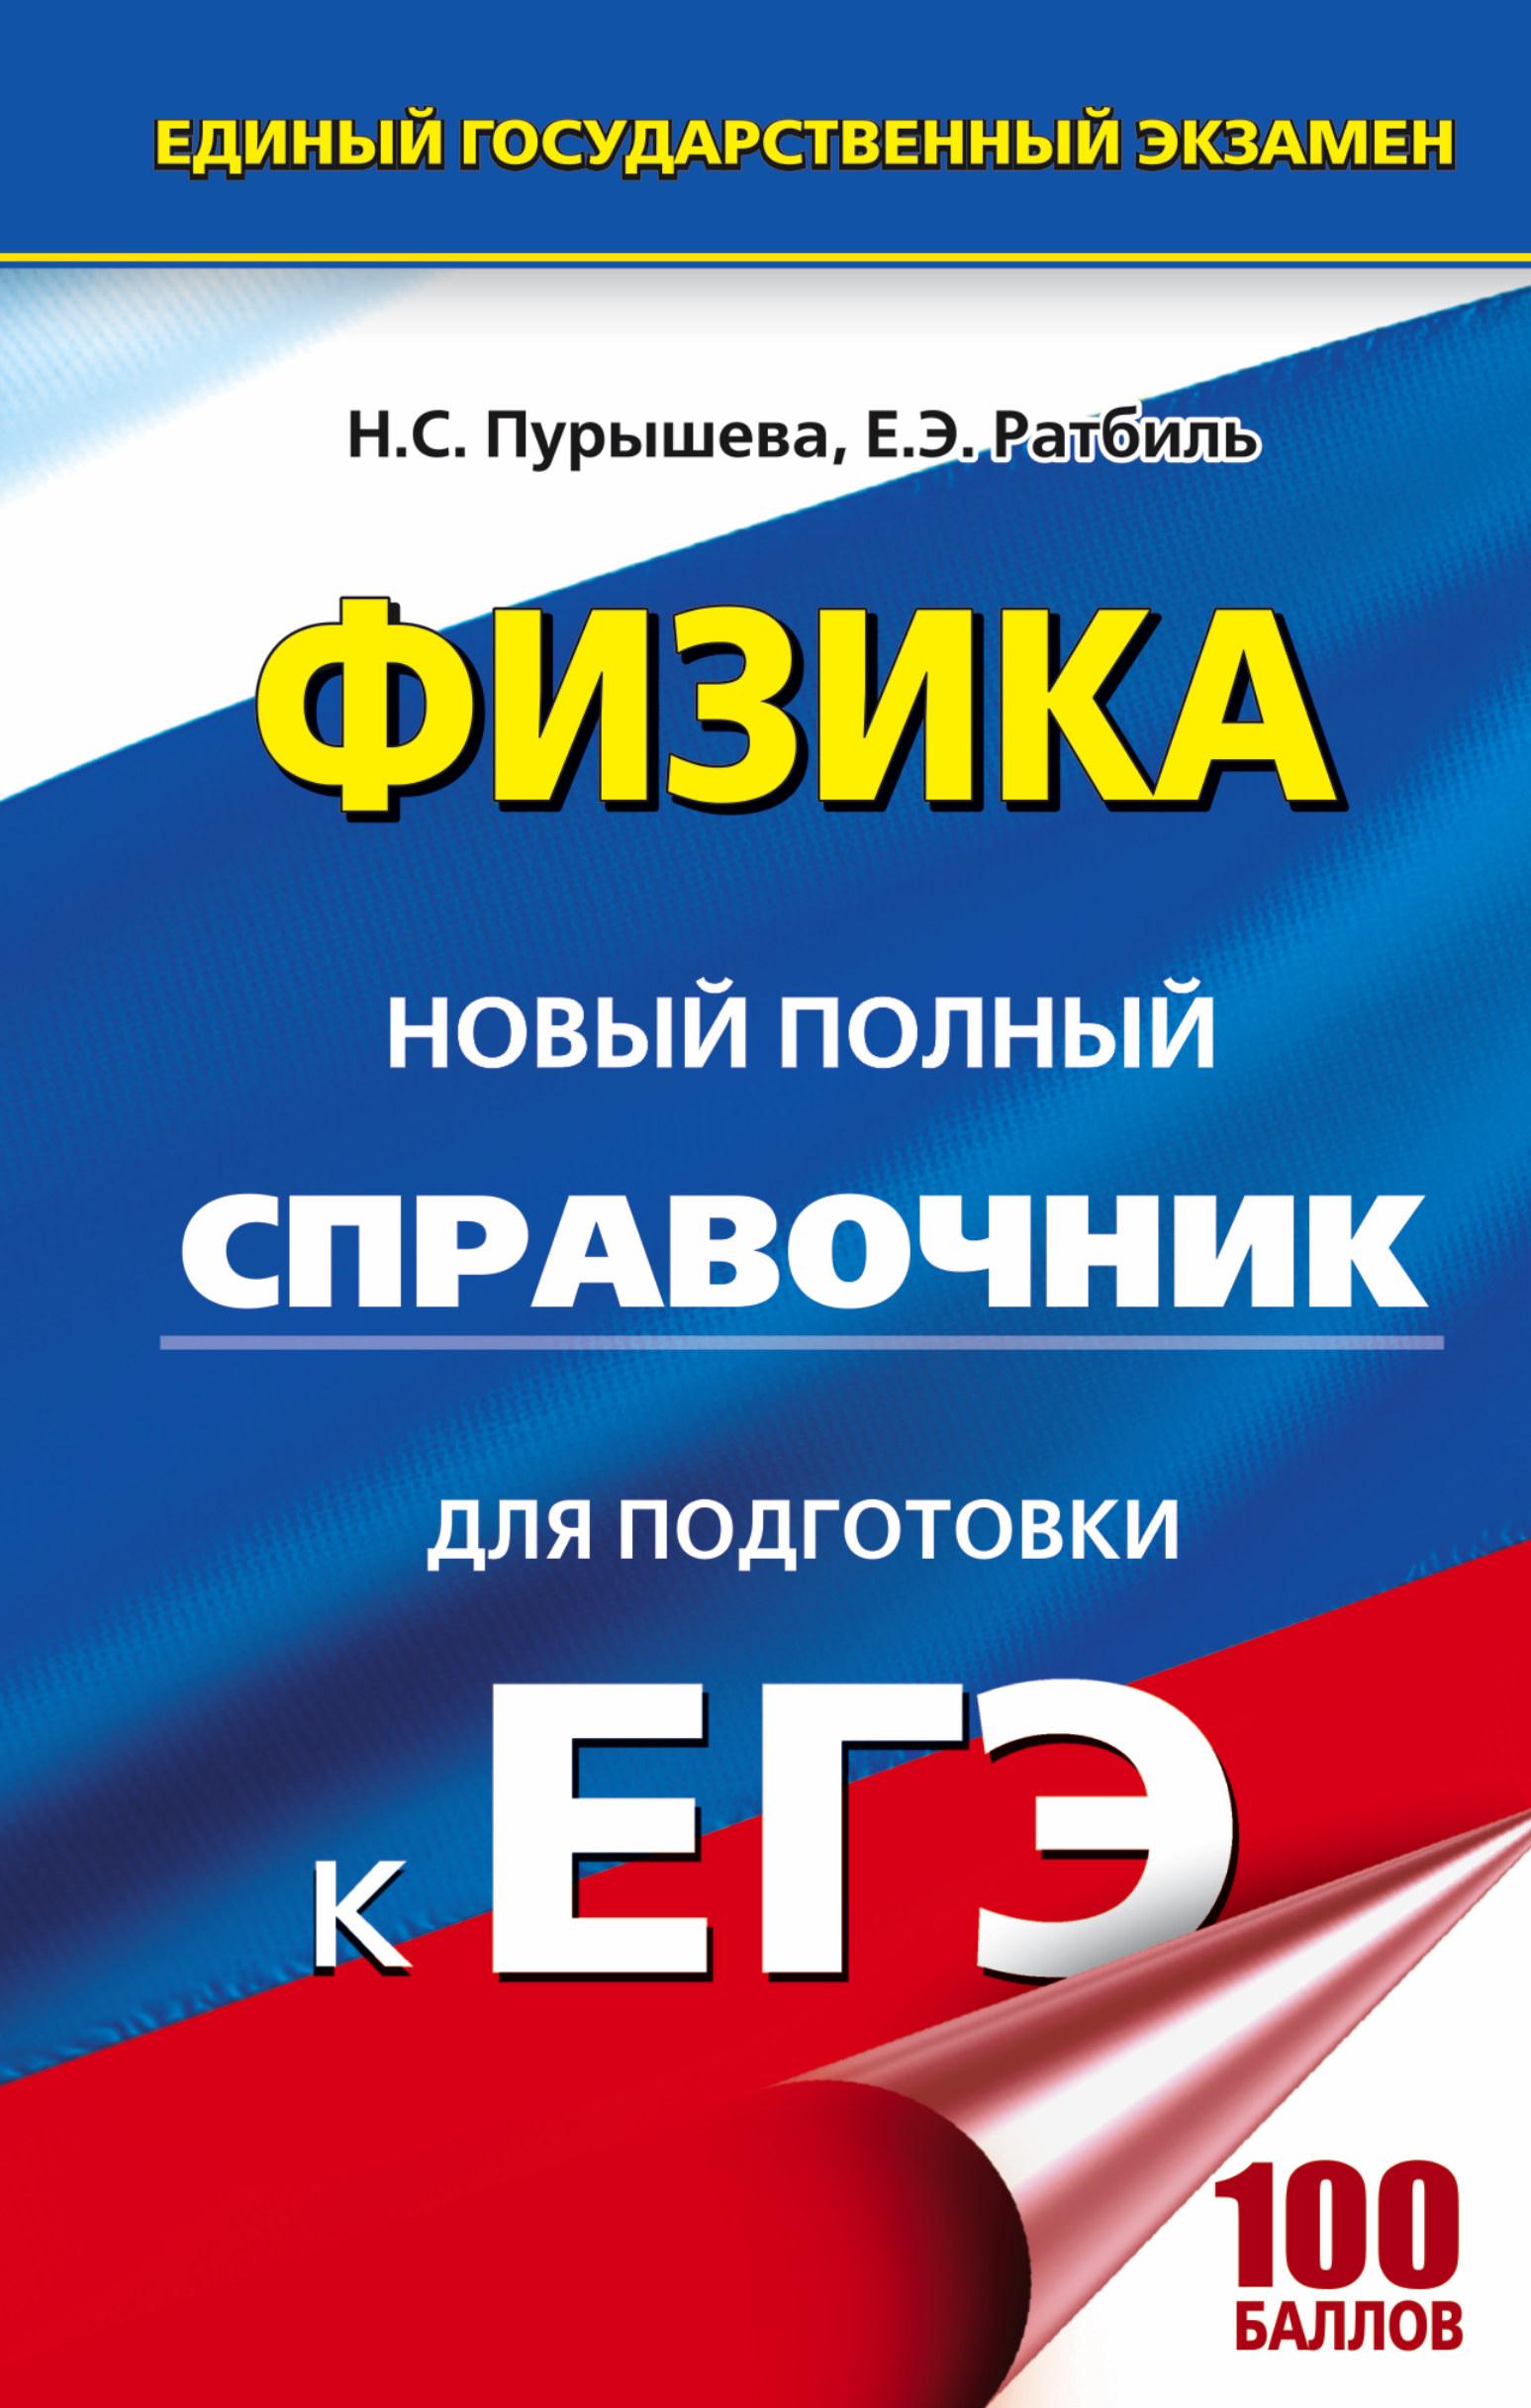 ЕГЭ. Физика. Новый полный справочник для подготовки к ЕГЭ от book24.ru